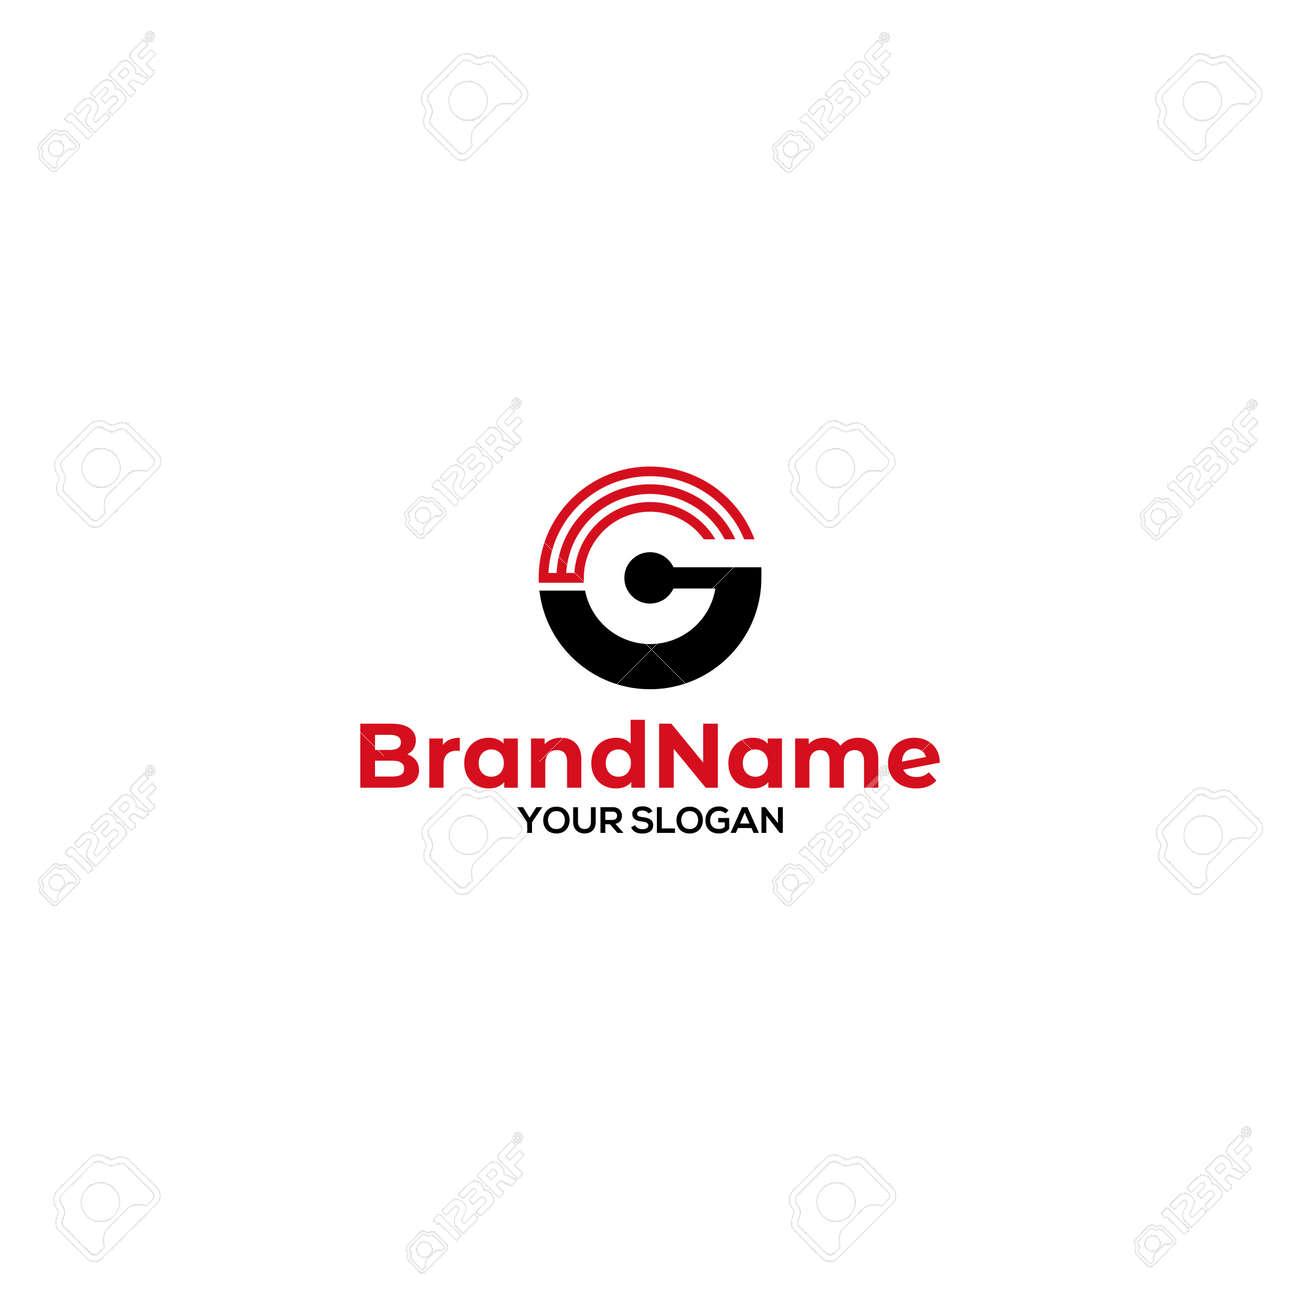 GE Signal Logo Design Vector - 168439279